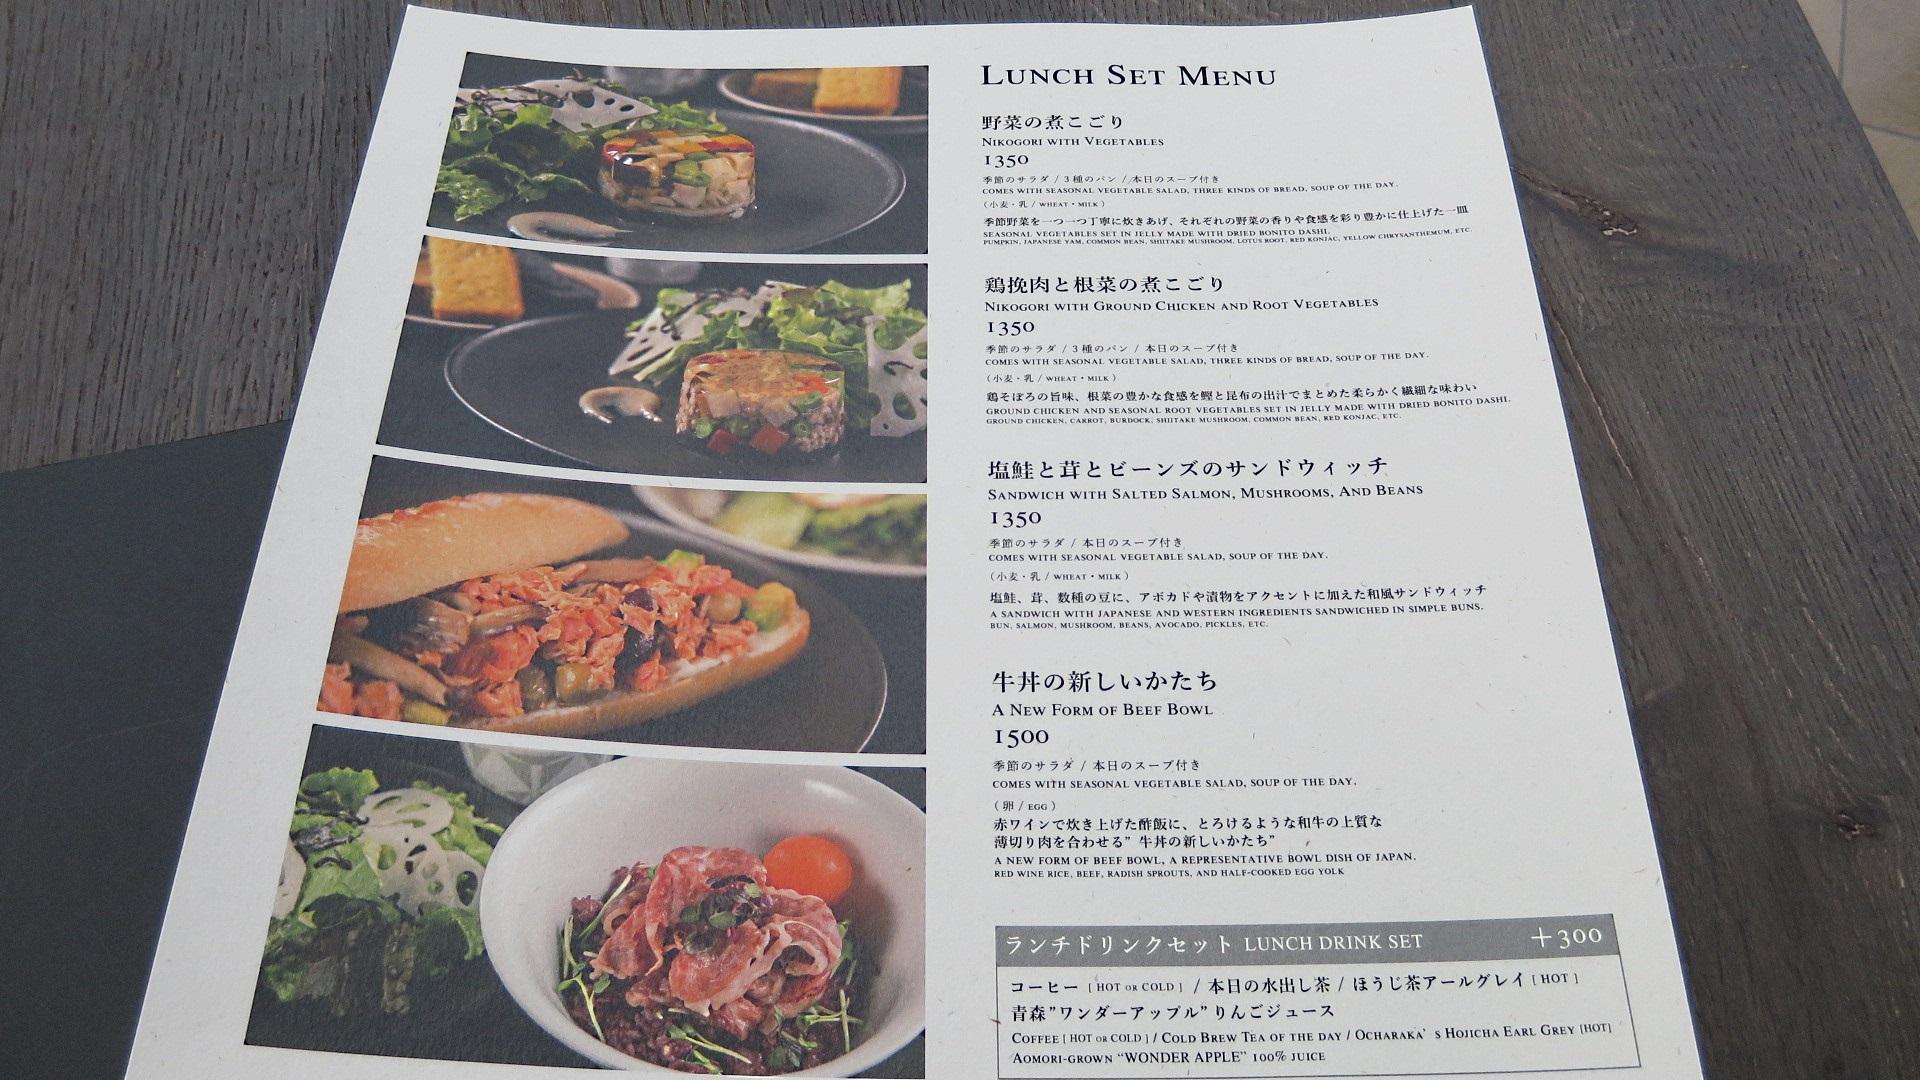 午餐餐点共有4种,都是套餐并附有照片